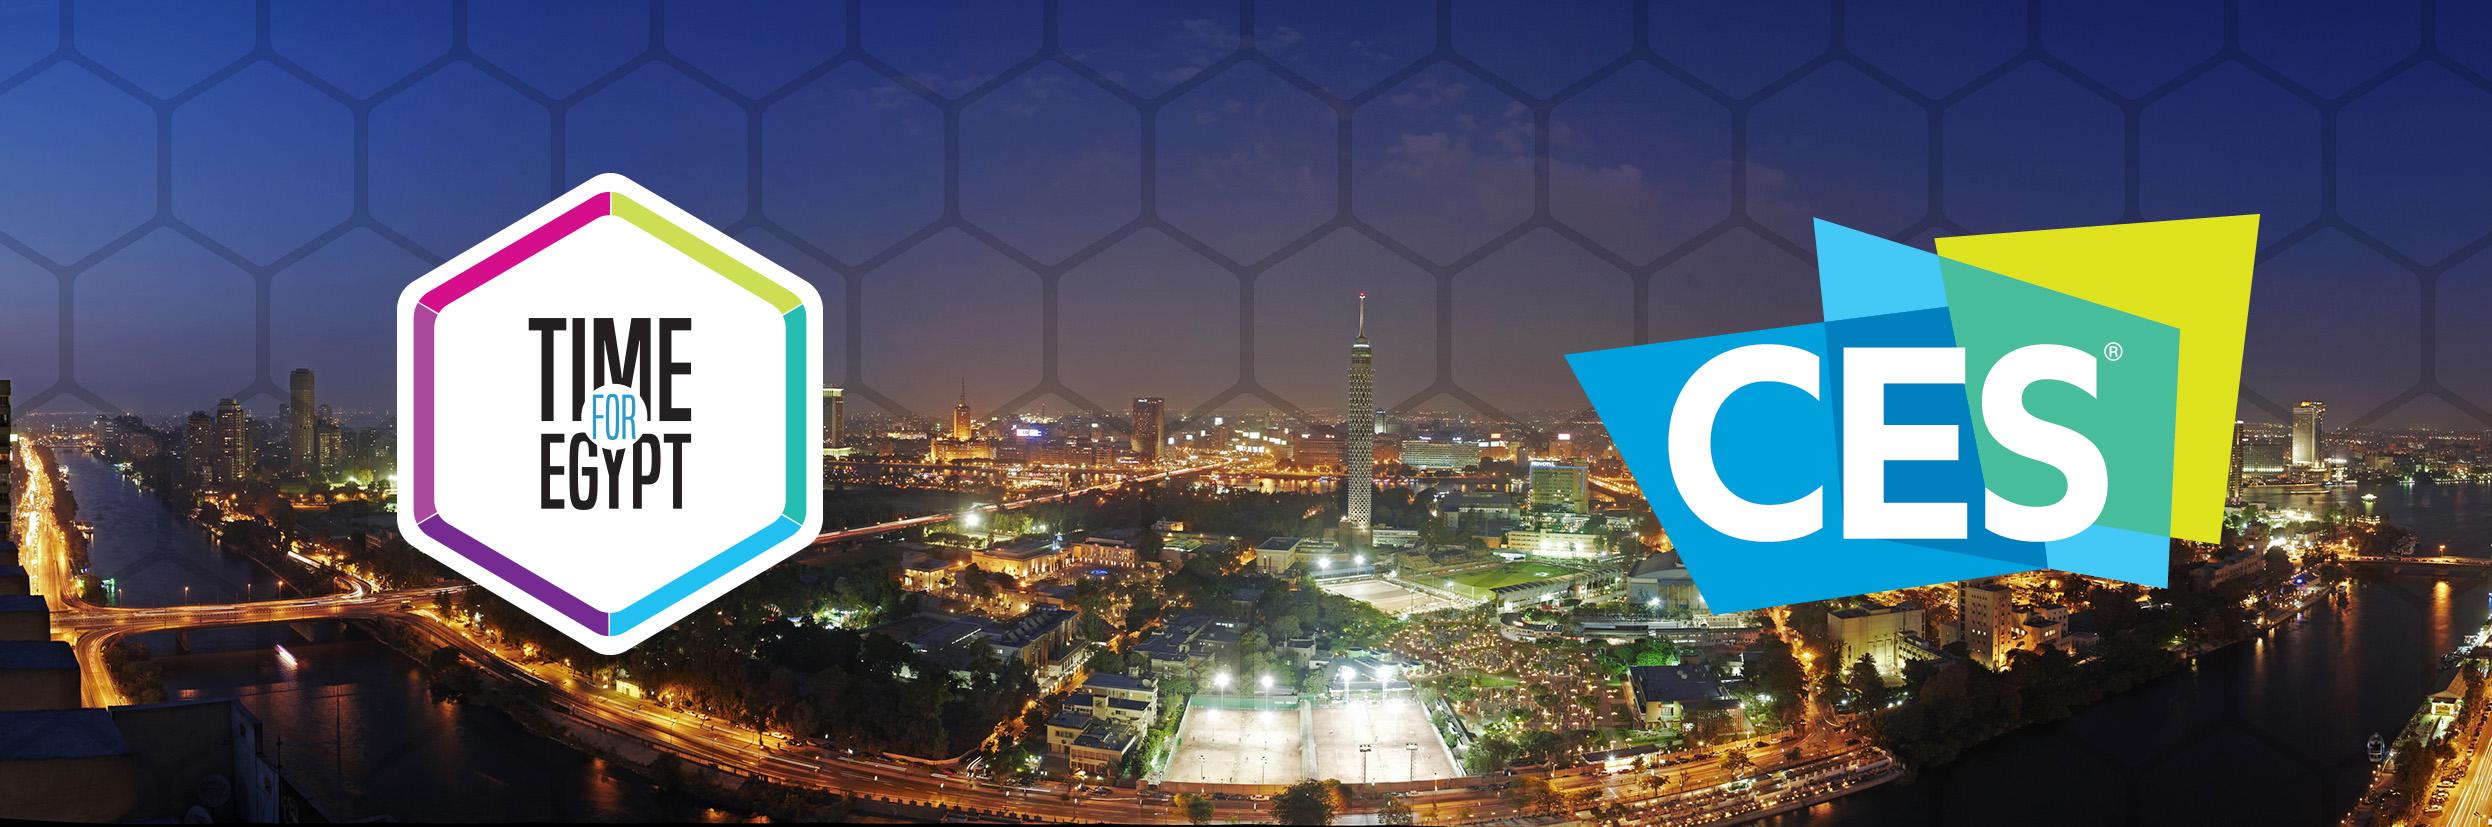 10 شركات مصرية ناشئة تشارك في معرض المنتجات الإلكترونية الاستهلاكية CES 2019